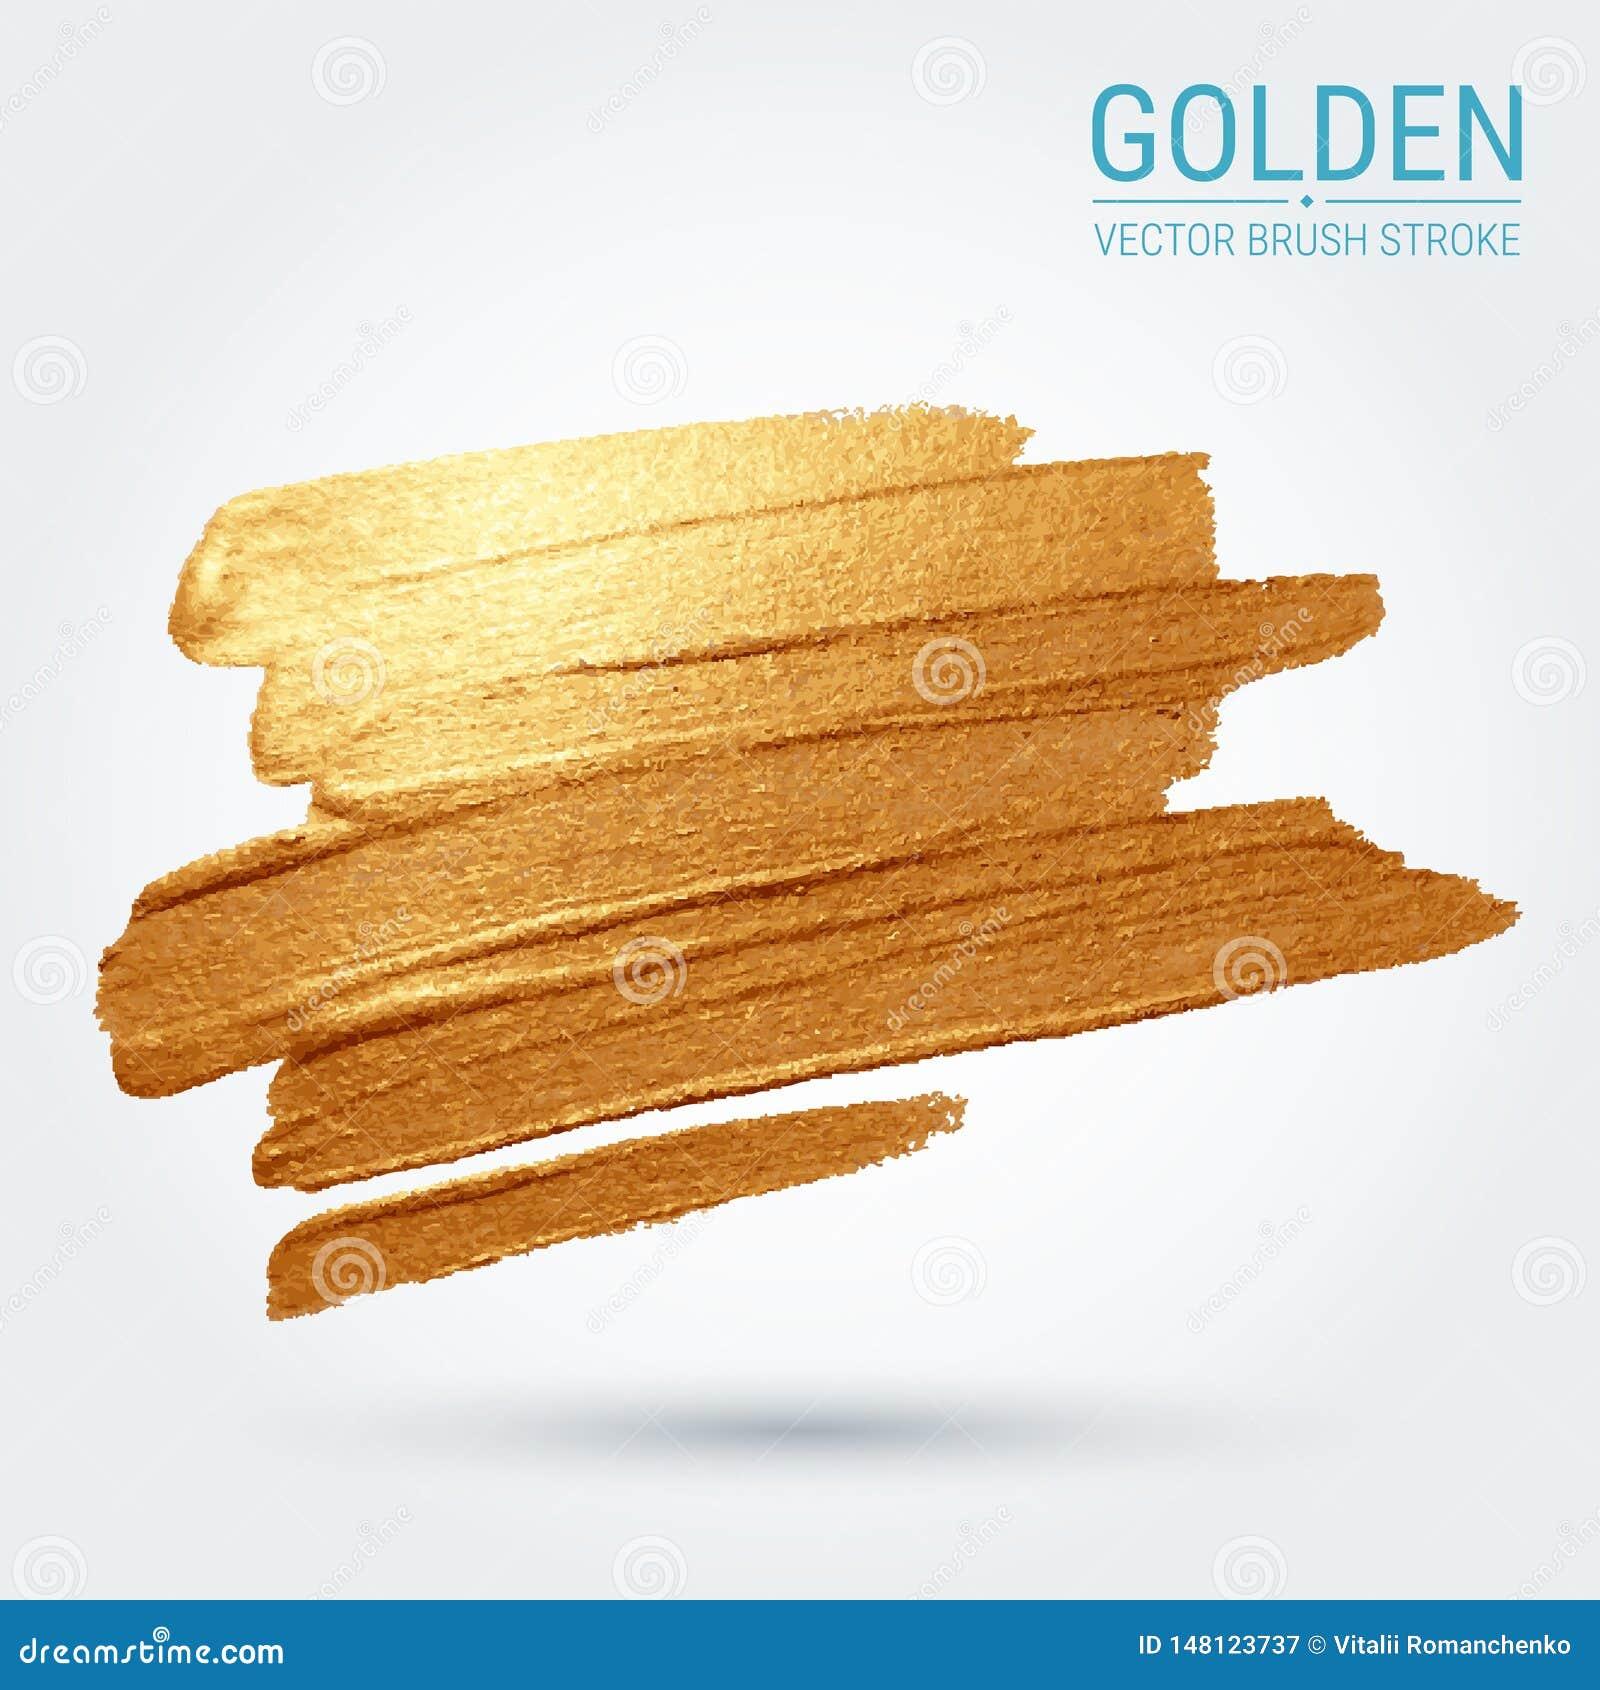 Calomnie avec une brosse artistique tra?age Une tache d or Texture grunge brillante